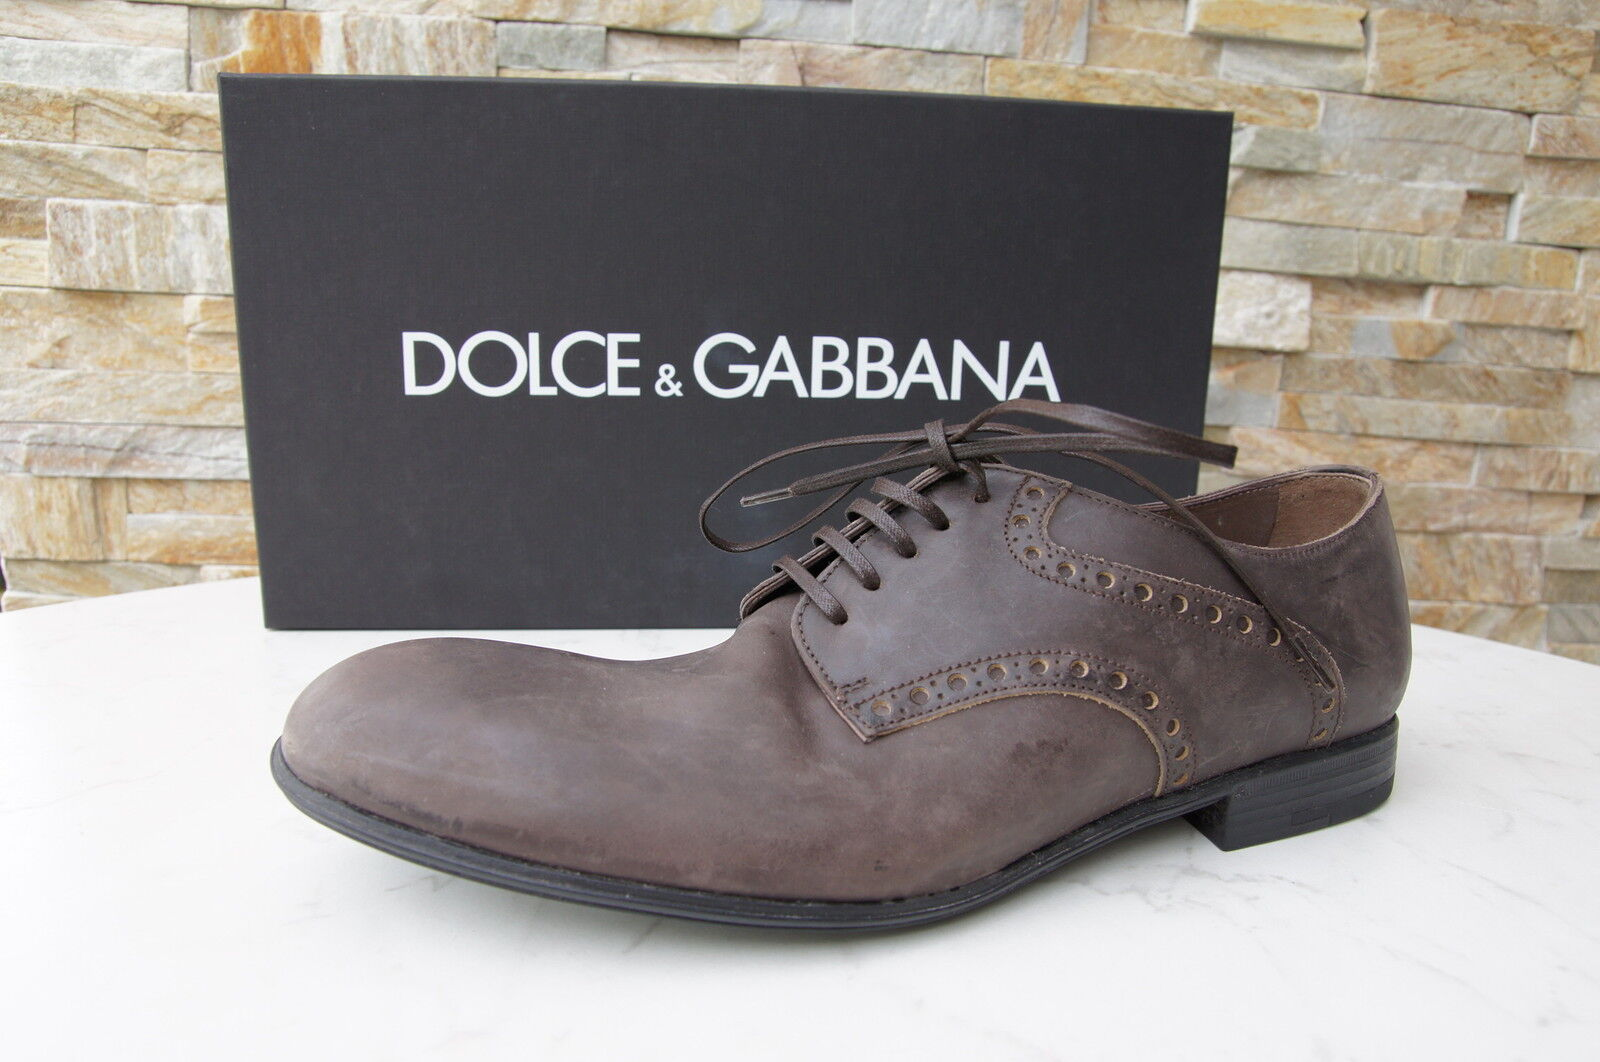 Dolce & Gabbana D&G Gr 44 Halbschuhe Schnürschuhe Kalbsleder Schuhe neu UVP 375